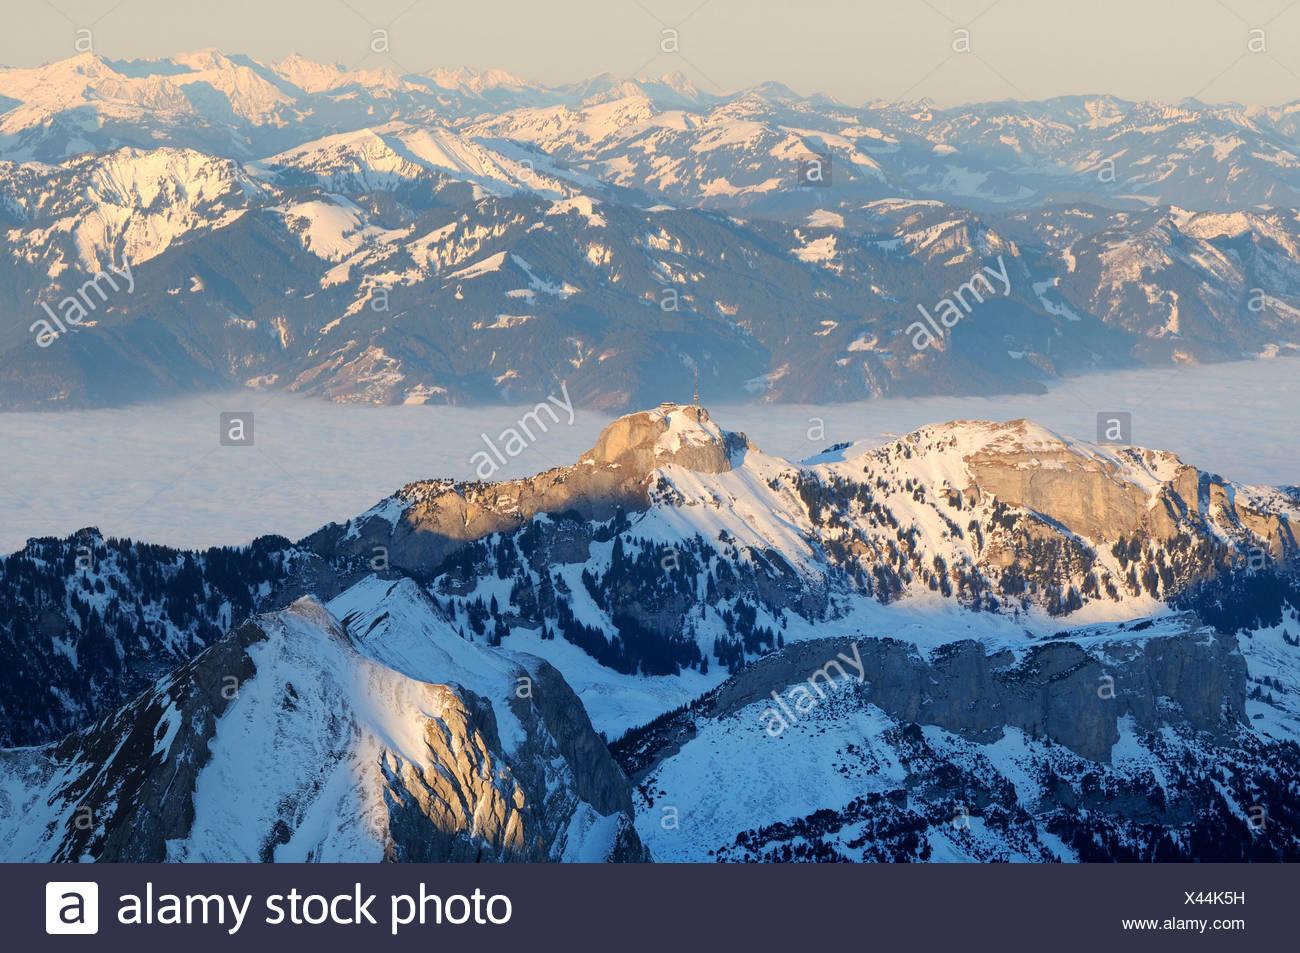 Mt Altmann et Mt Hoher Kasten en dernière heure, entre eux la vallée de Rheintal brumeux, Canton d'Appenzell Rhodes-Intérieures, Suisse Photo Stock